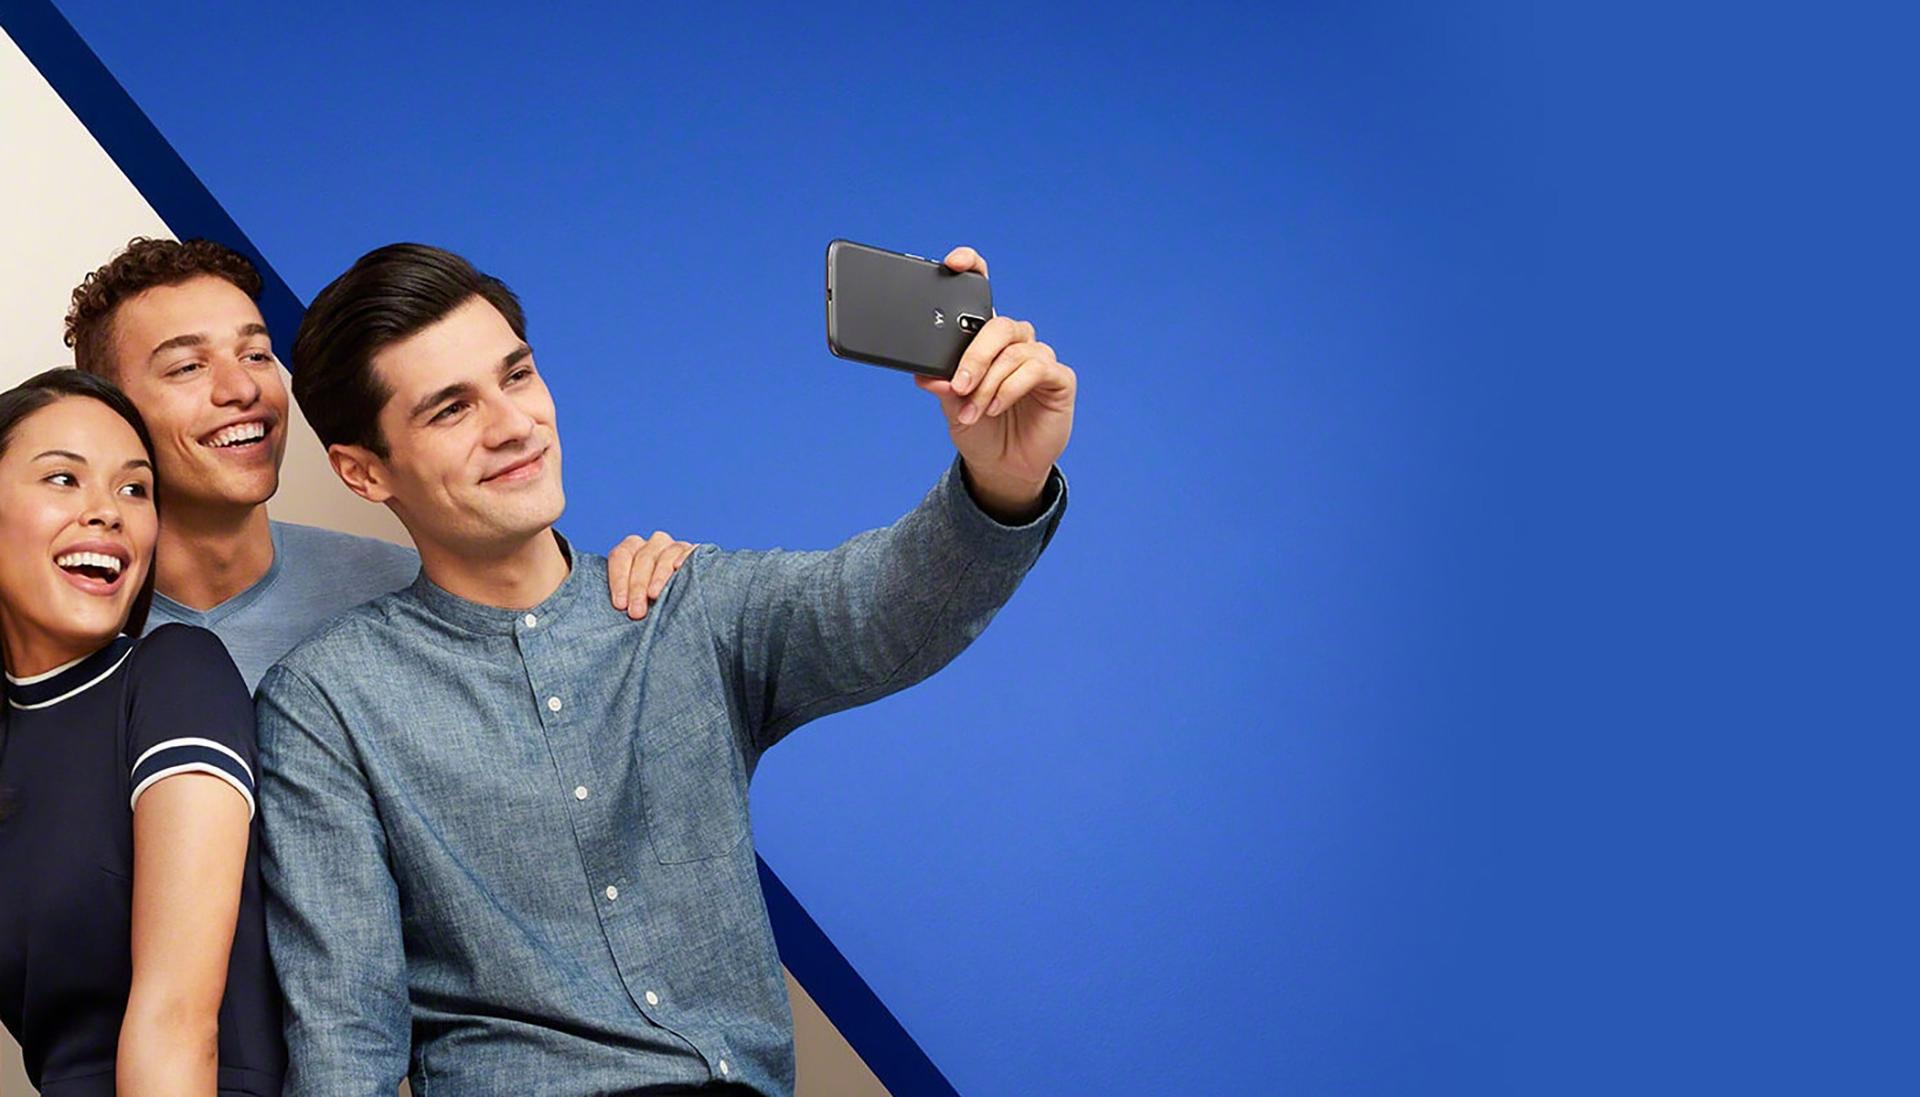 Fotografii de grup si selfie-uri grozave